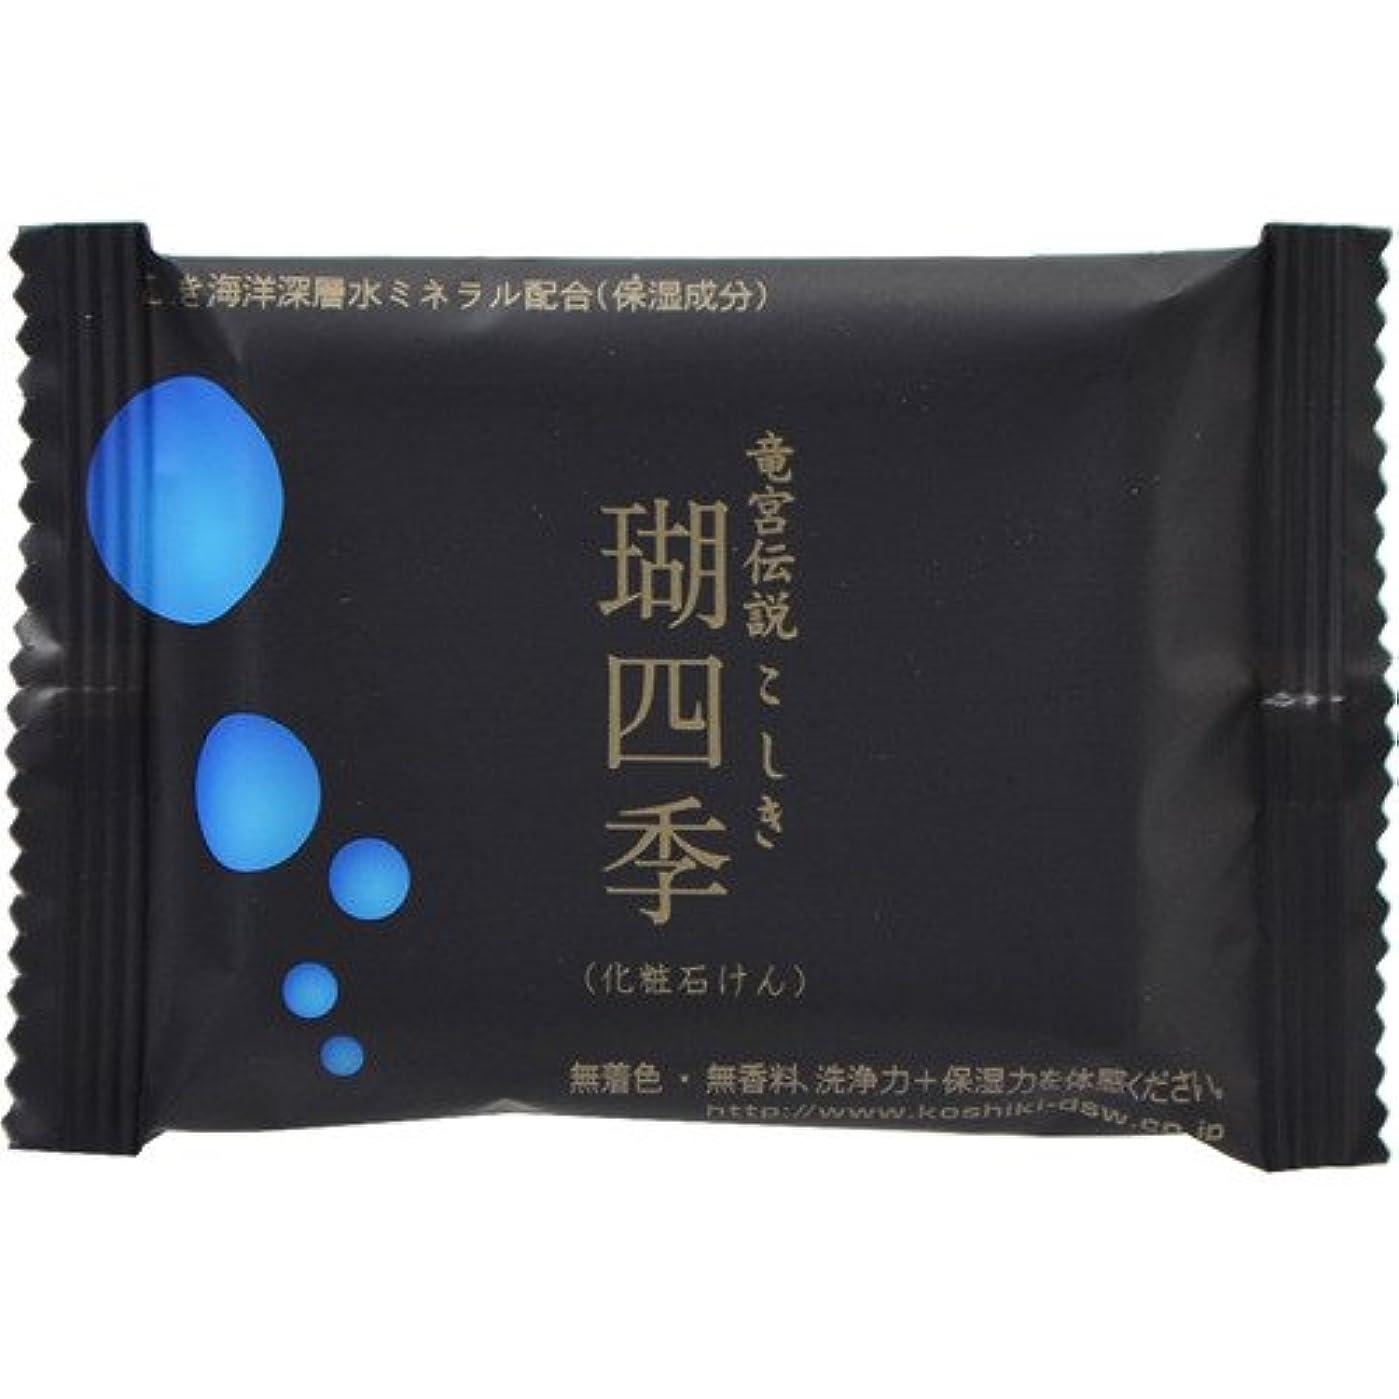 妖精オフェンス近代化瑚四季 化粧石鹸 30g